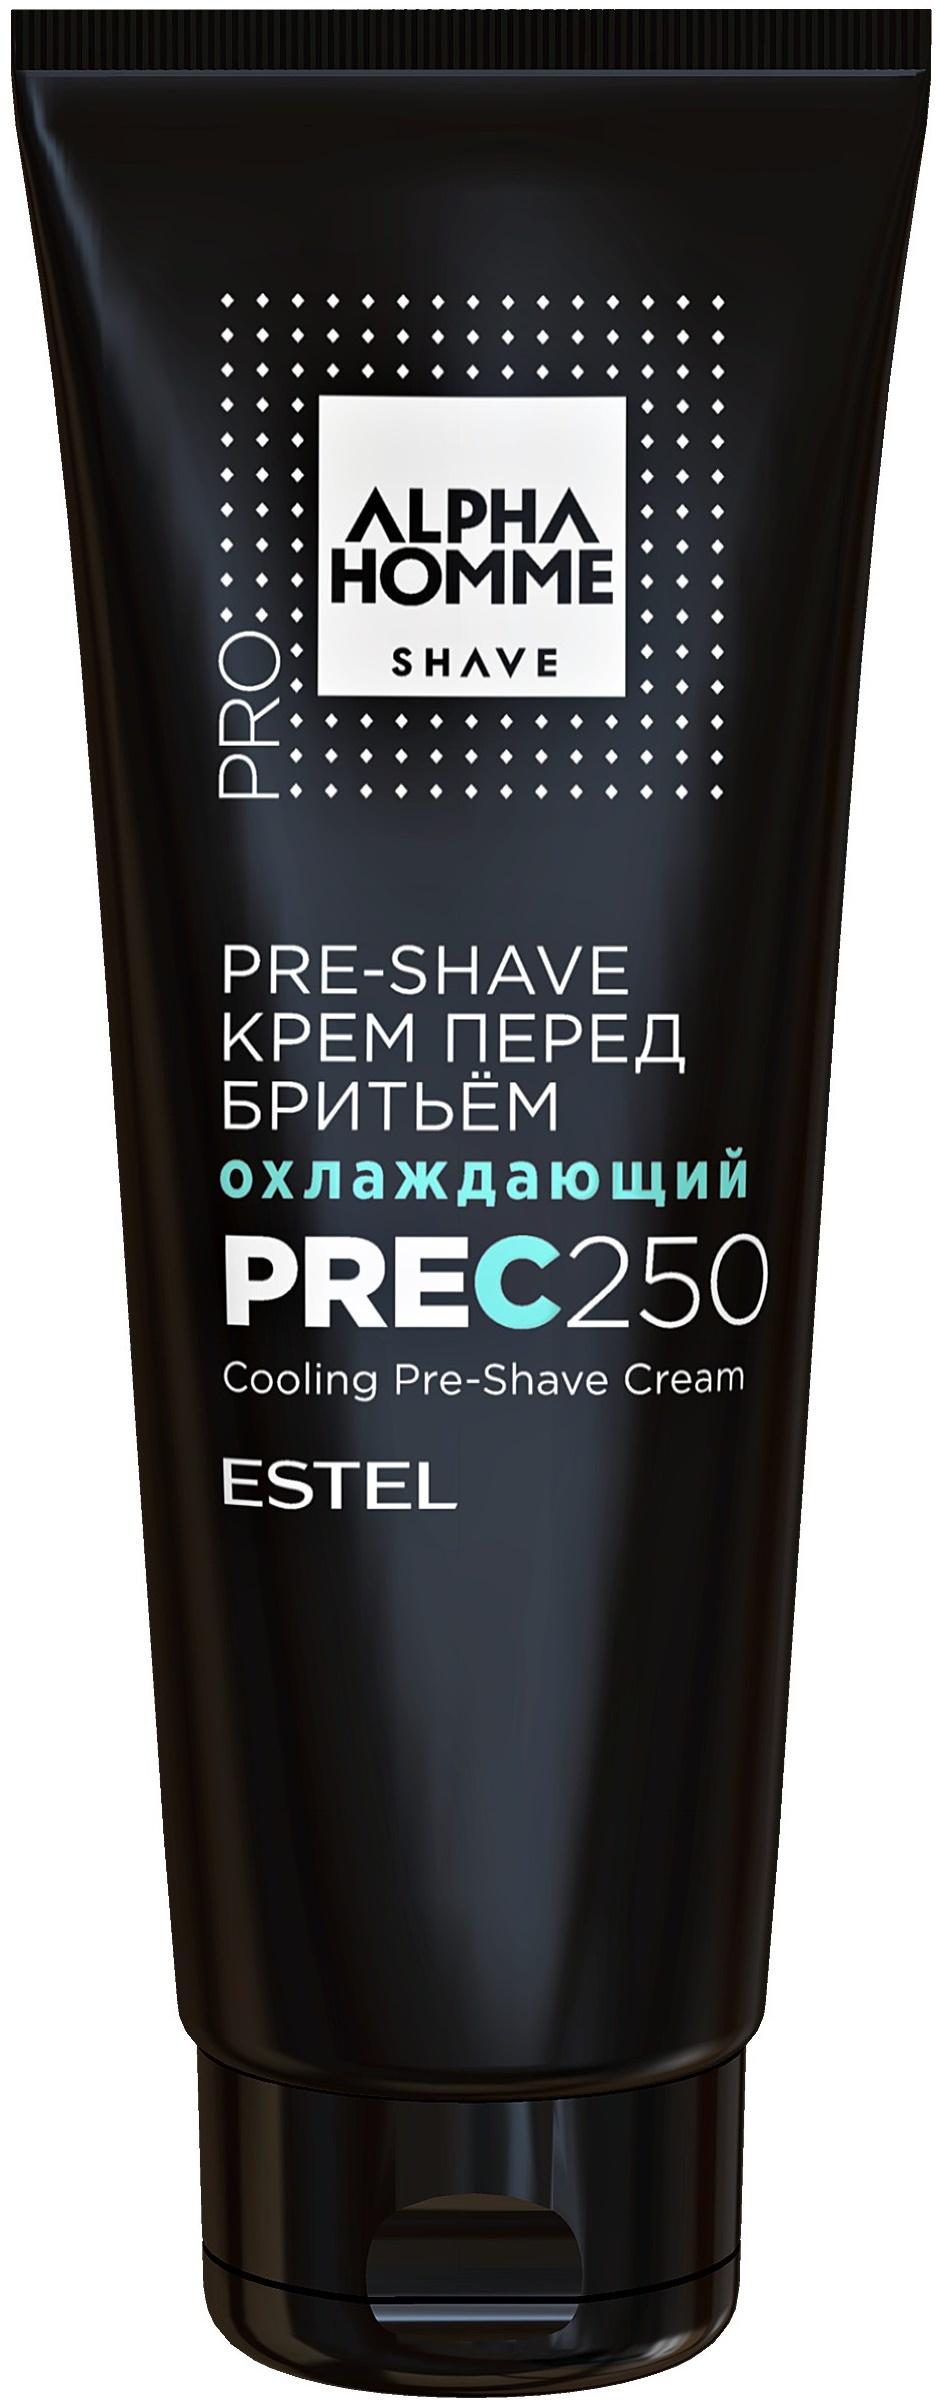 Крем для бритья ESTEL PROFESSIONAL ALPHA HOMME PRO SHAVE перед бритьем pre-shave 250 мл estel alpha homme крем перед бритьем охлаждающий 250 мл